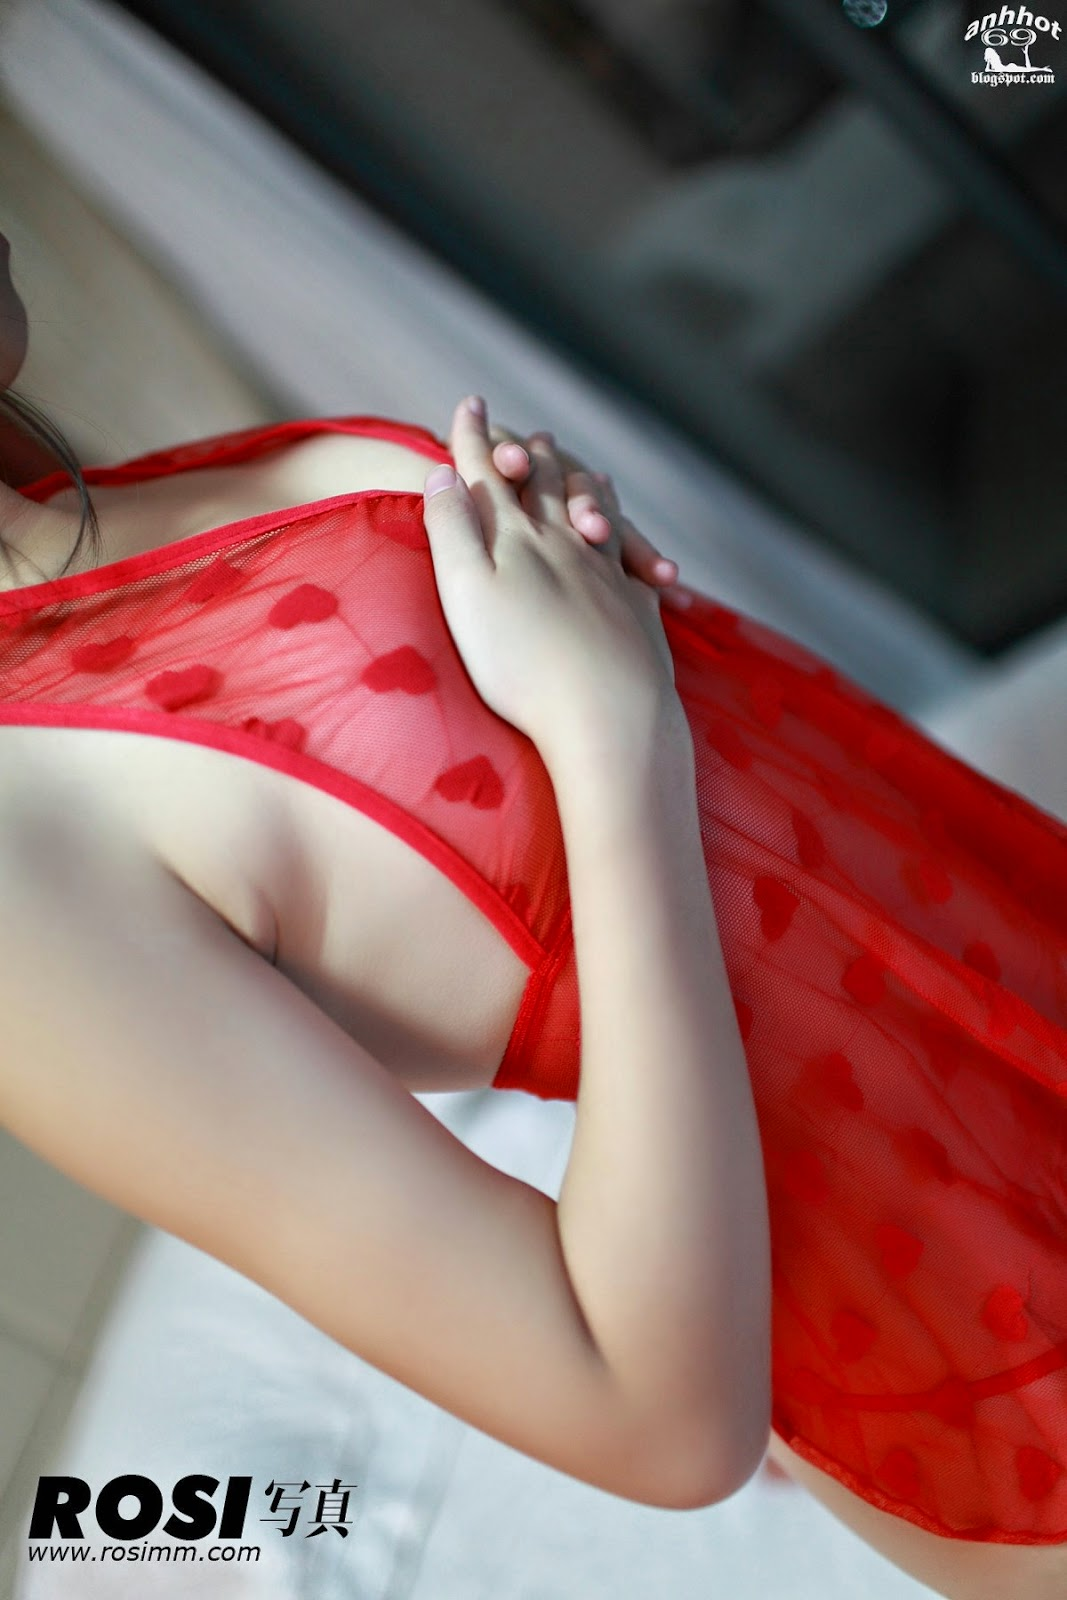 model_girl-rosi-01107927